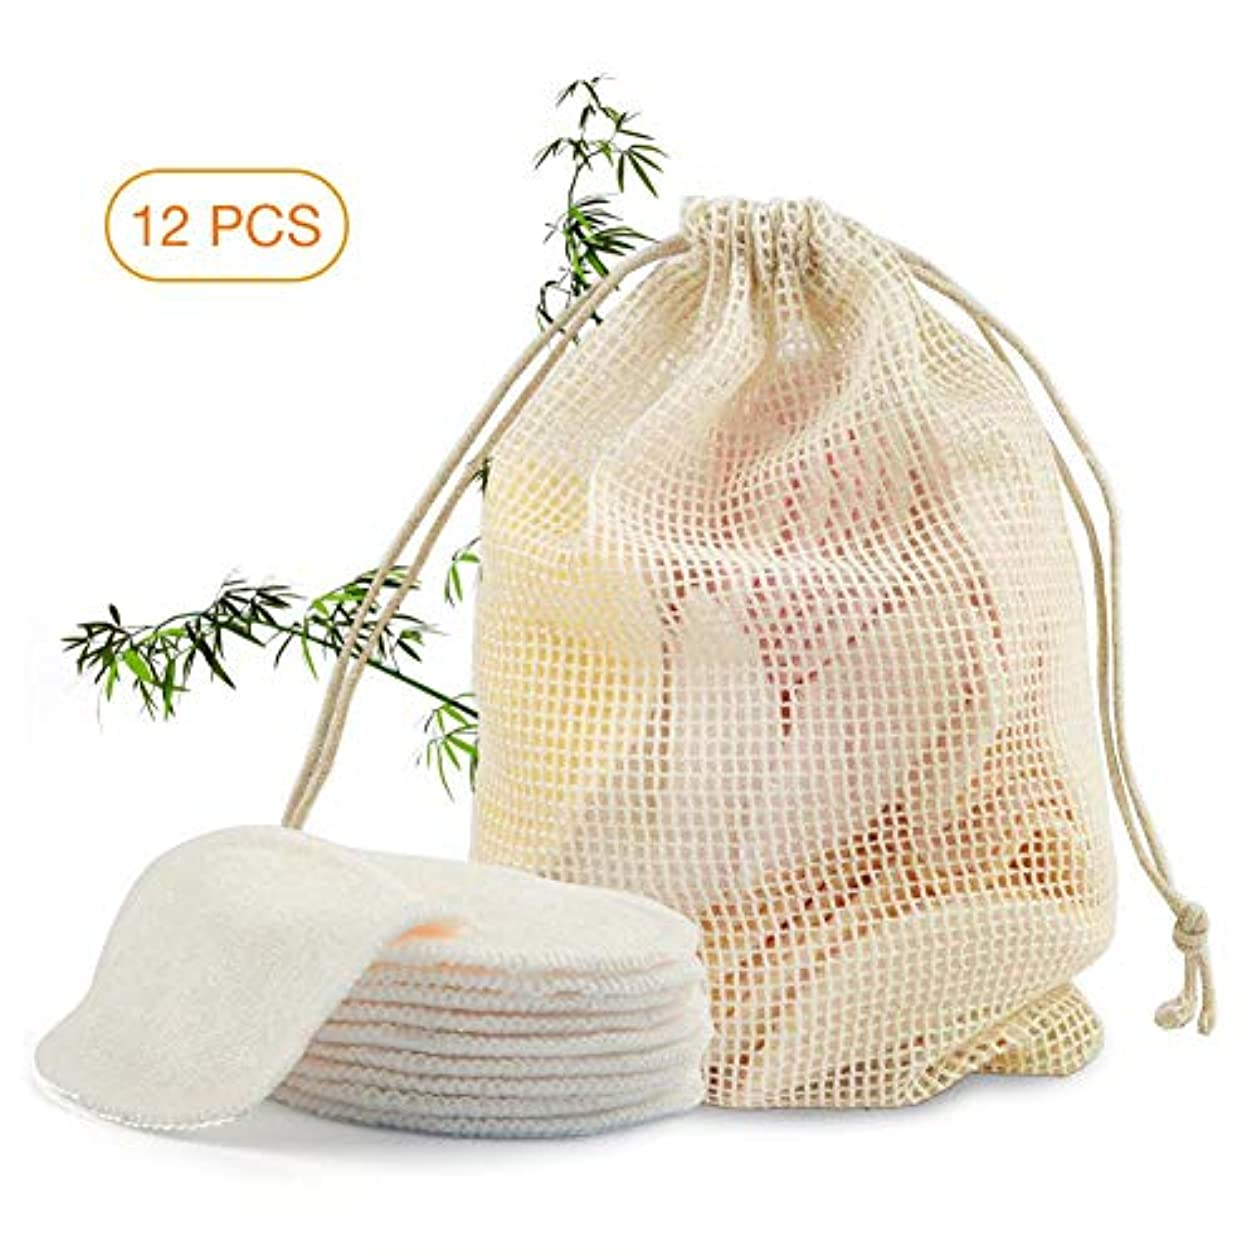 関係するずっとピック12Pcs 化粧リムーバーパッド 層竹繊維 化粧リムーバー 洗える 化粧コットン 洗浄顔スキンクリーニング 8センチ